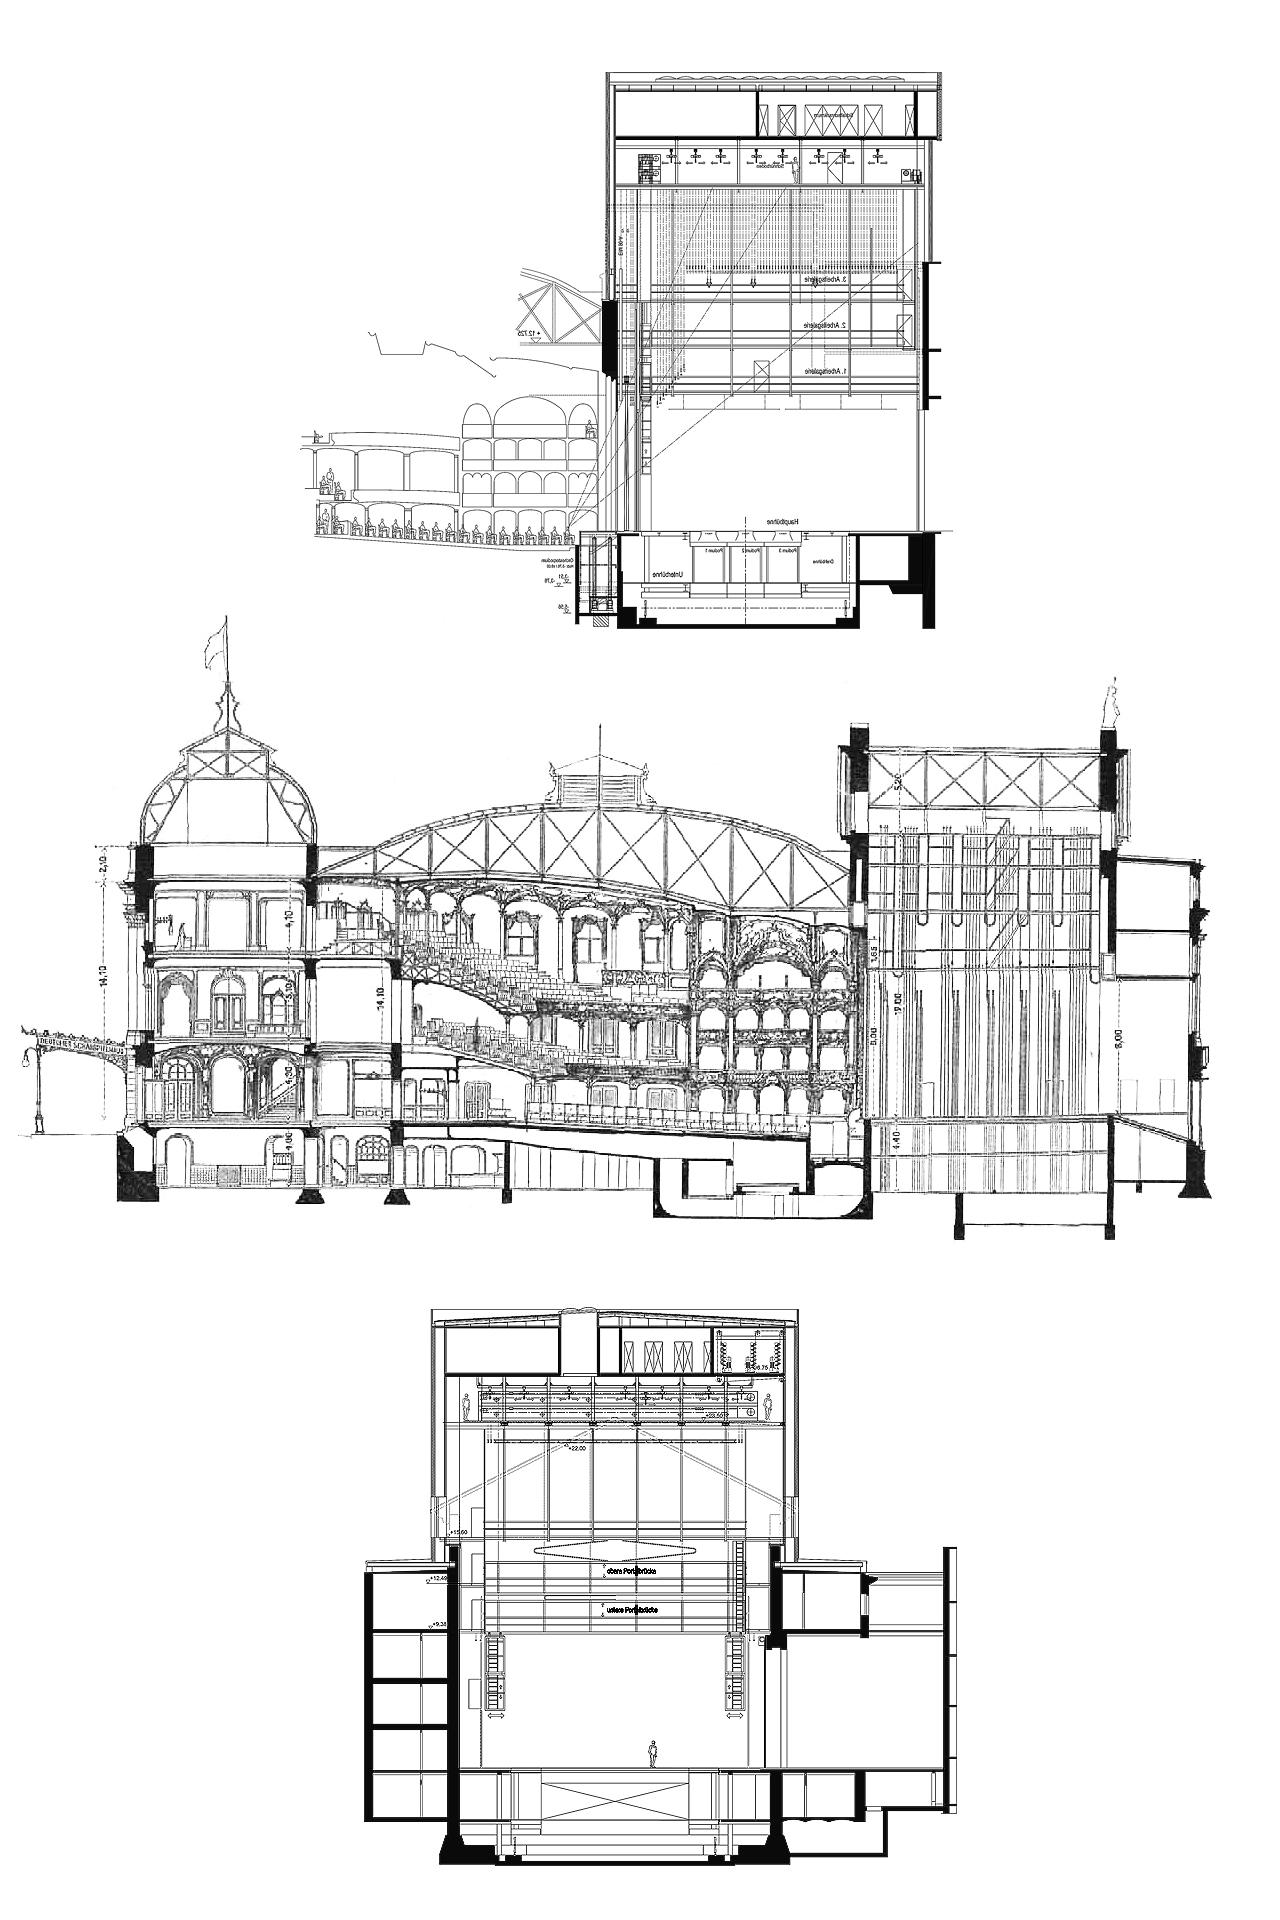 SSH (Wettbewerbe und Entwürfe + Umbau und Sanierung) Deutsches Schauspielhaus Hamburg